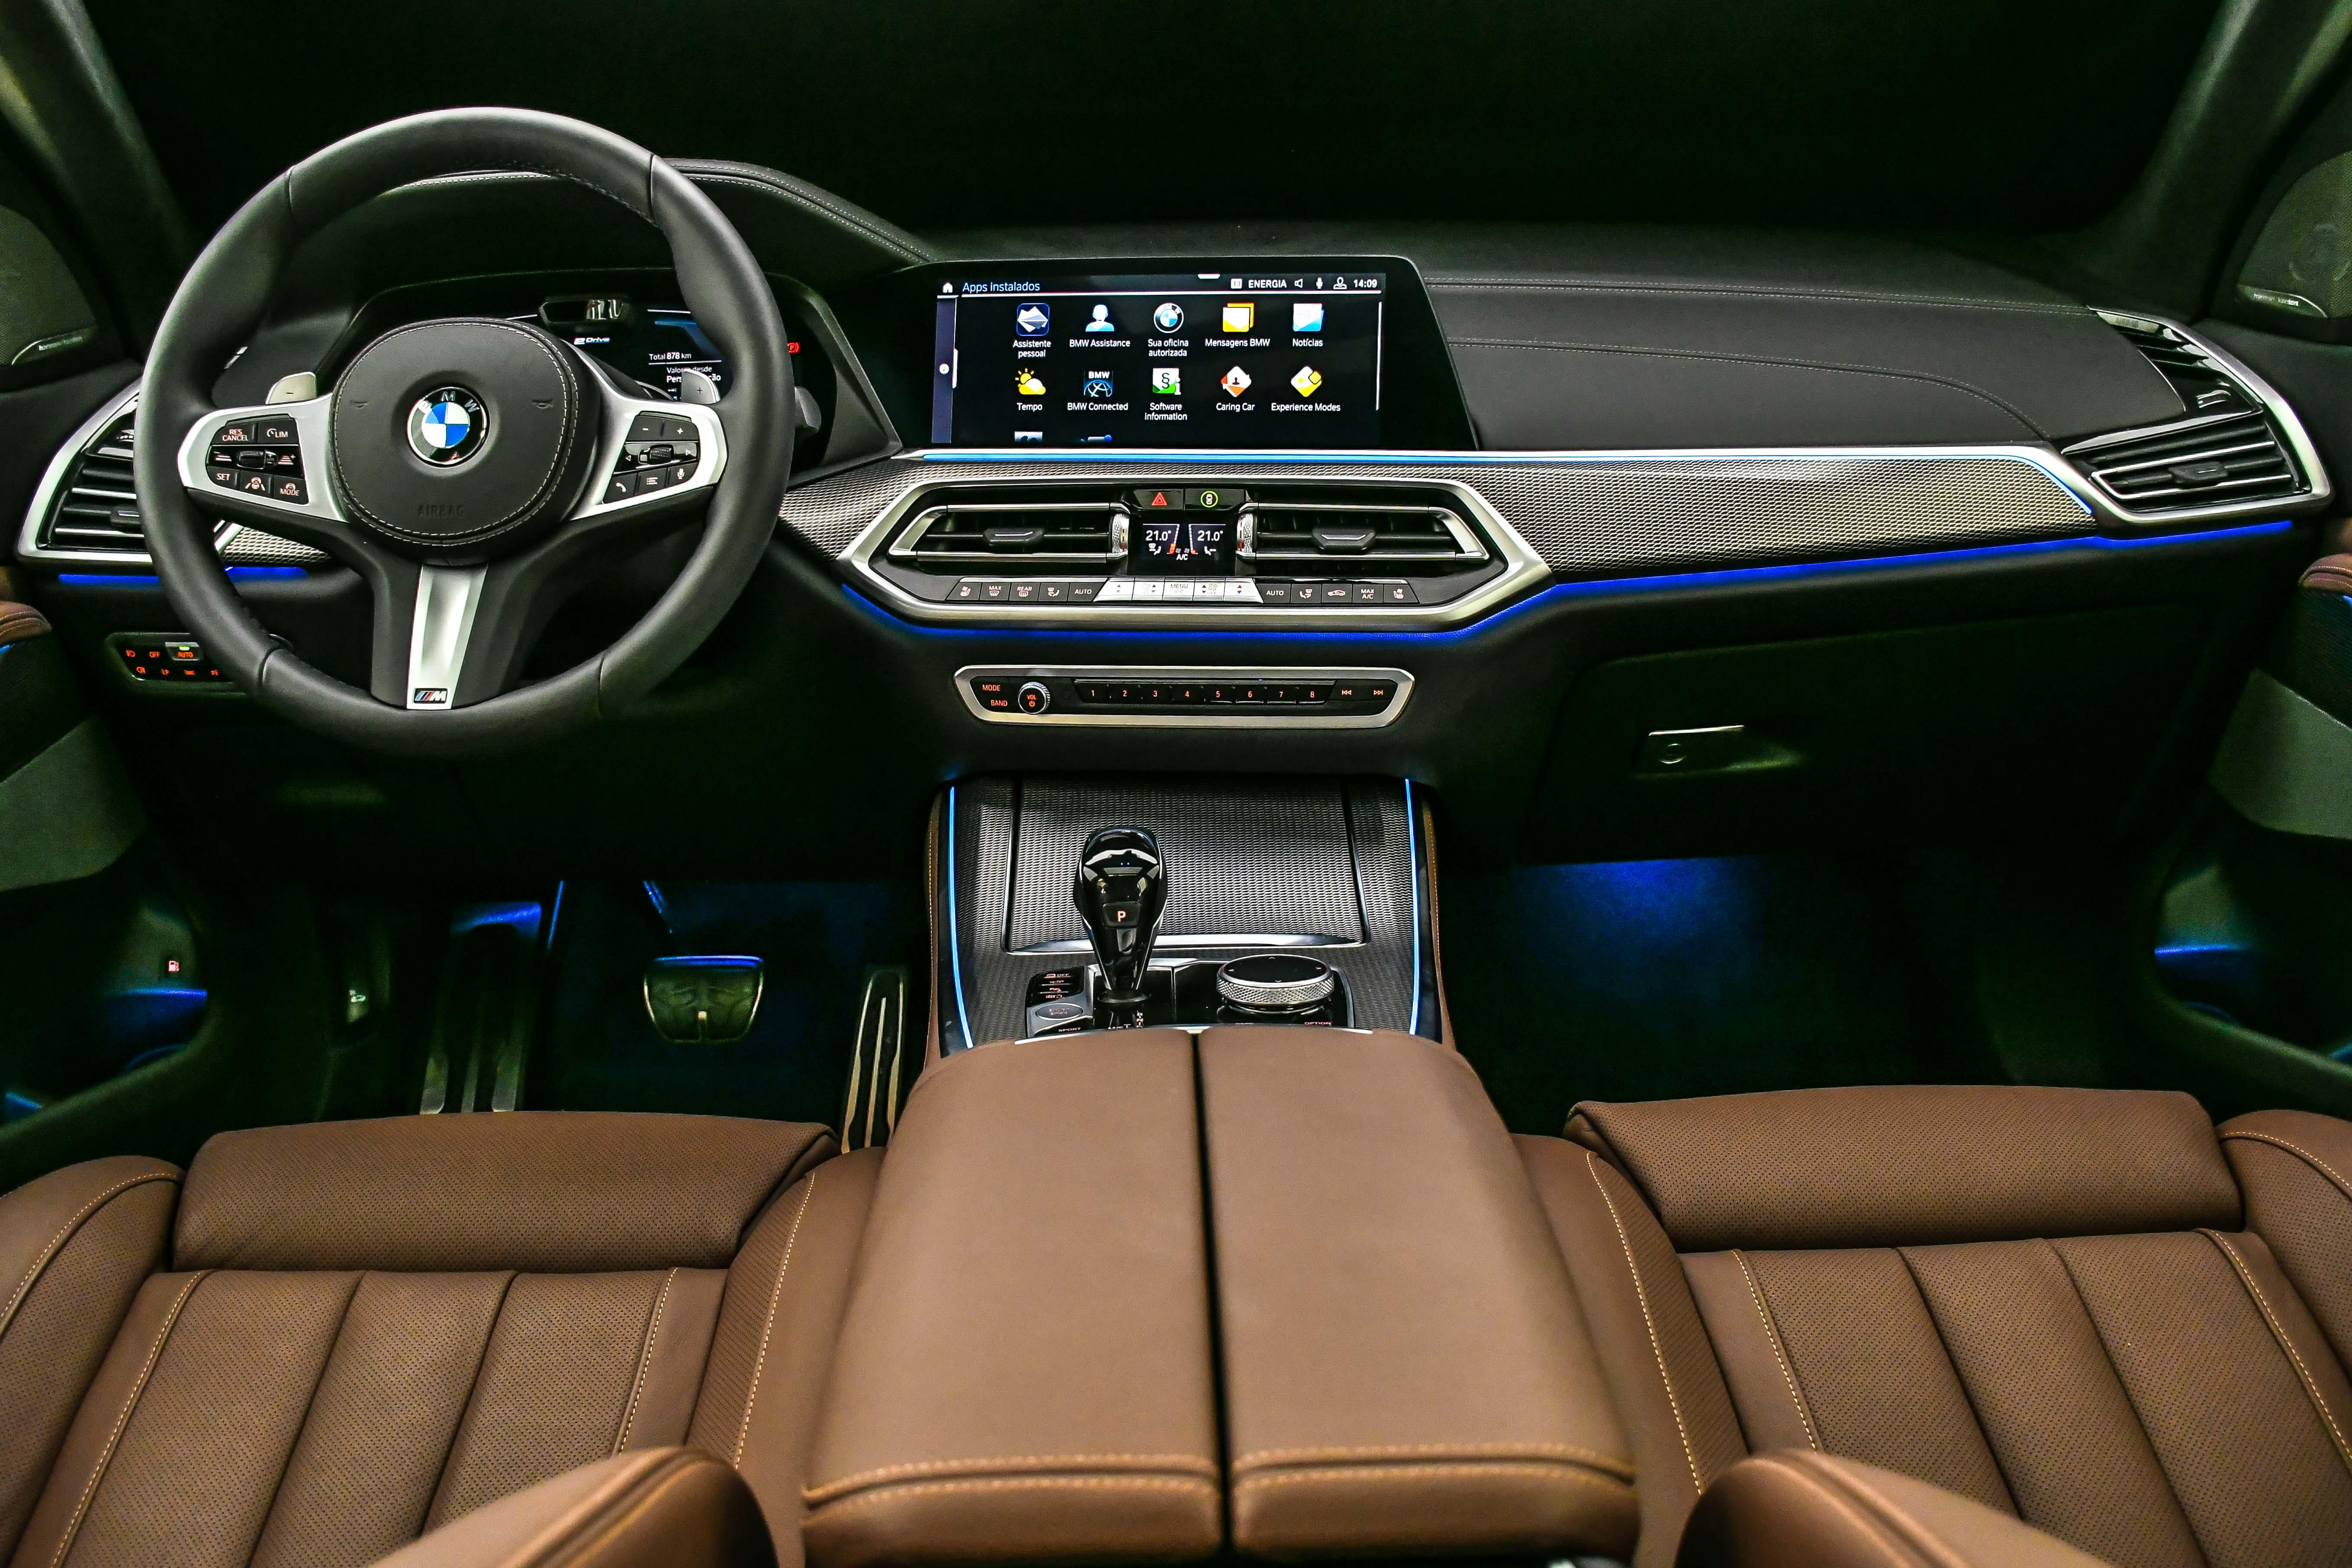 Cabine do SUV é luxuosa e recheada de materiais de extrema qualidade